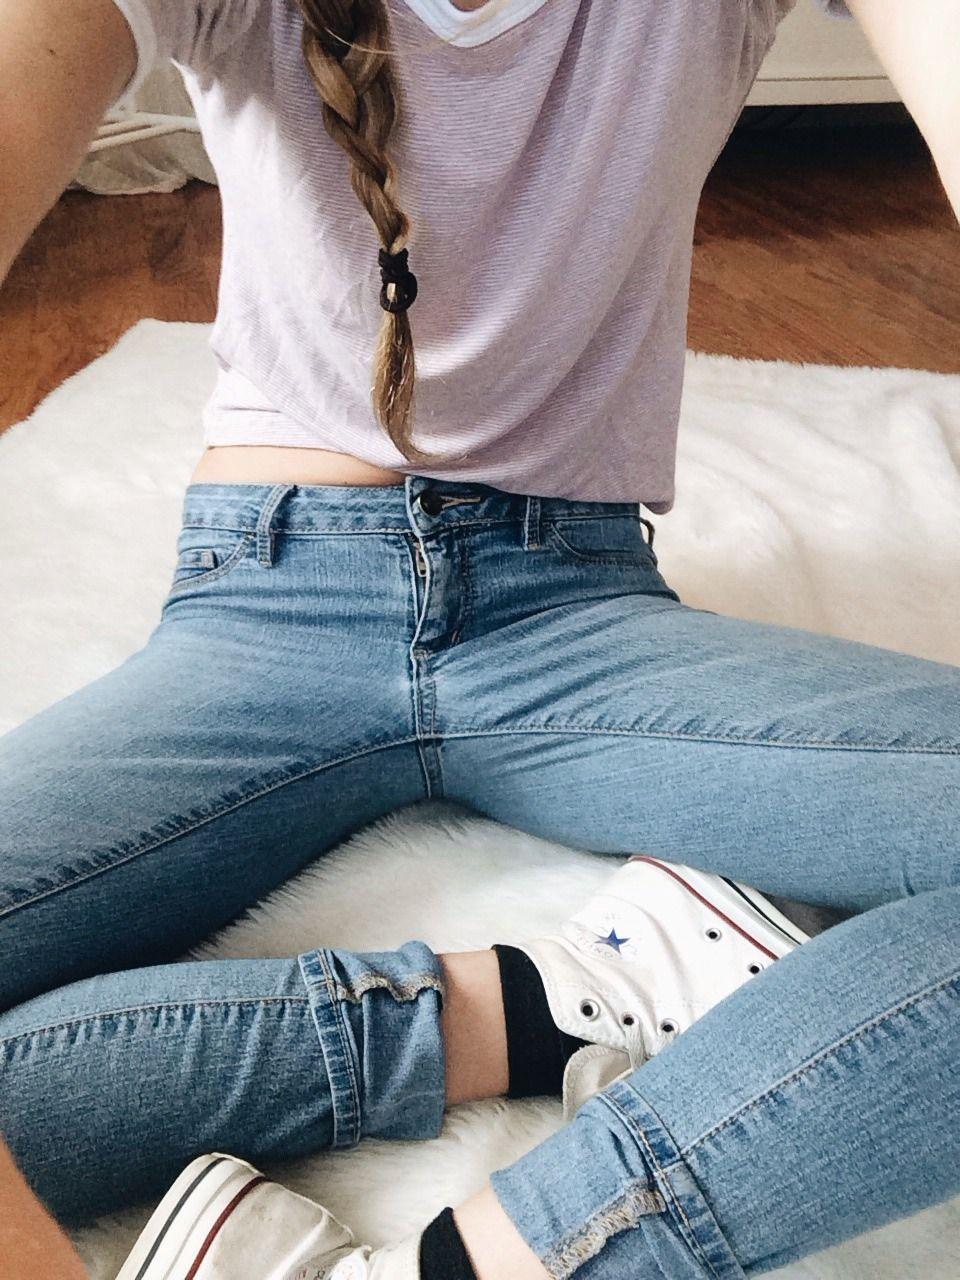 teens-sleeping-in-jeans-kari-sweets-nude-twitter